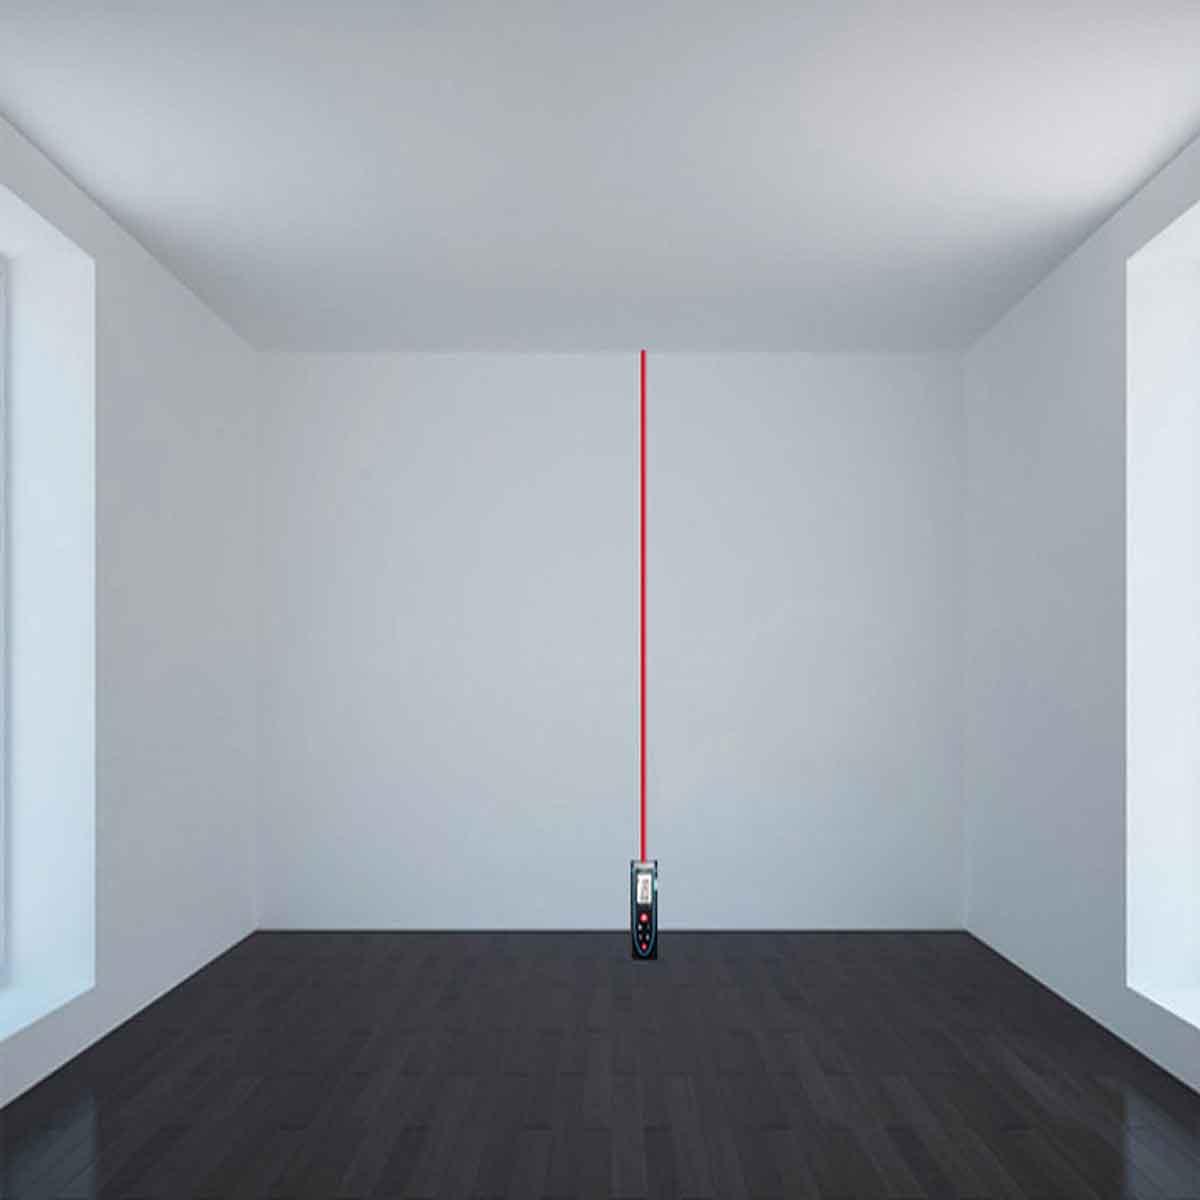 Đo chiều cao bằng thước laser